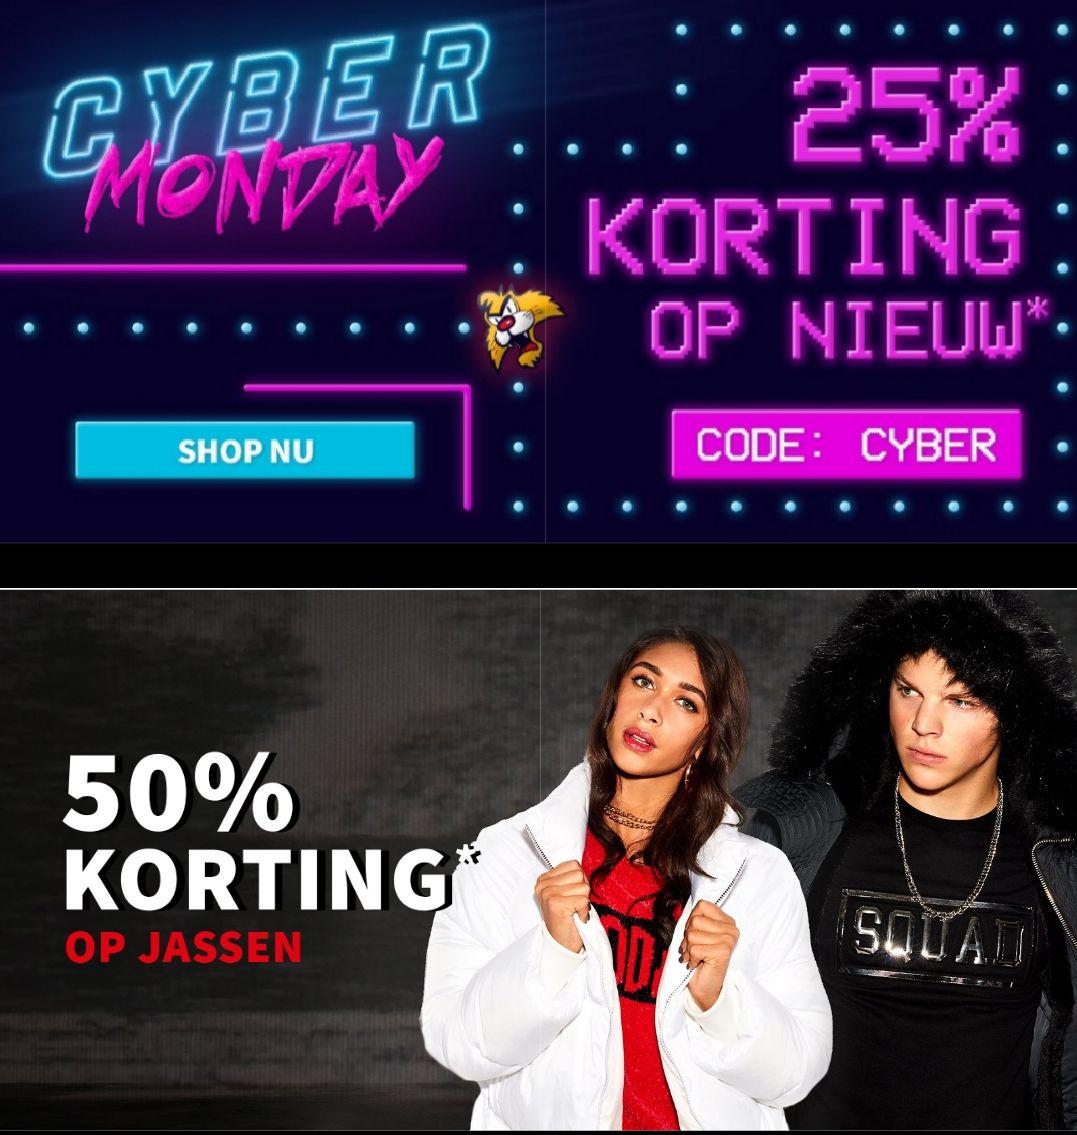 [Cyber Monday] CoolCat: 50% korting op jassen & 25% op nieuwe collectie